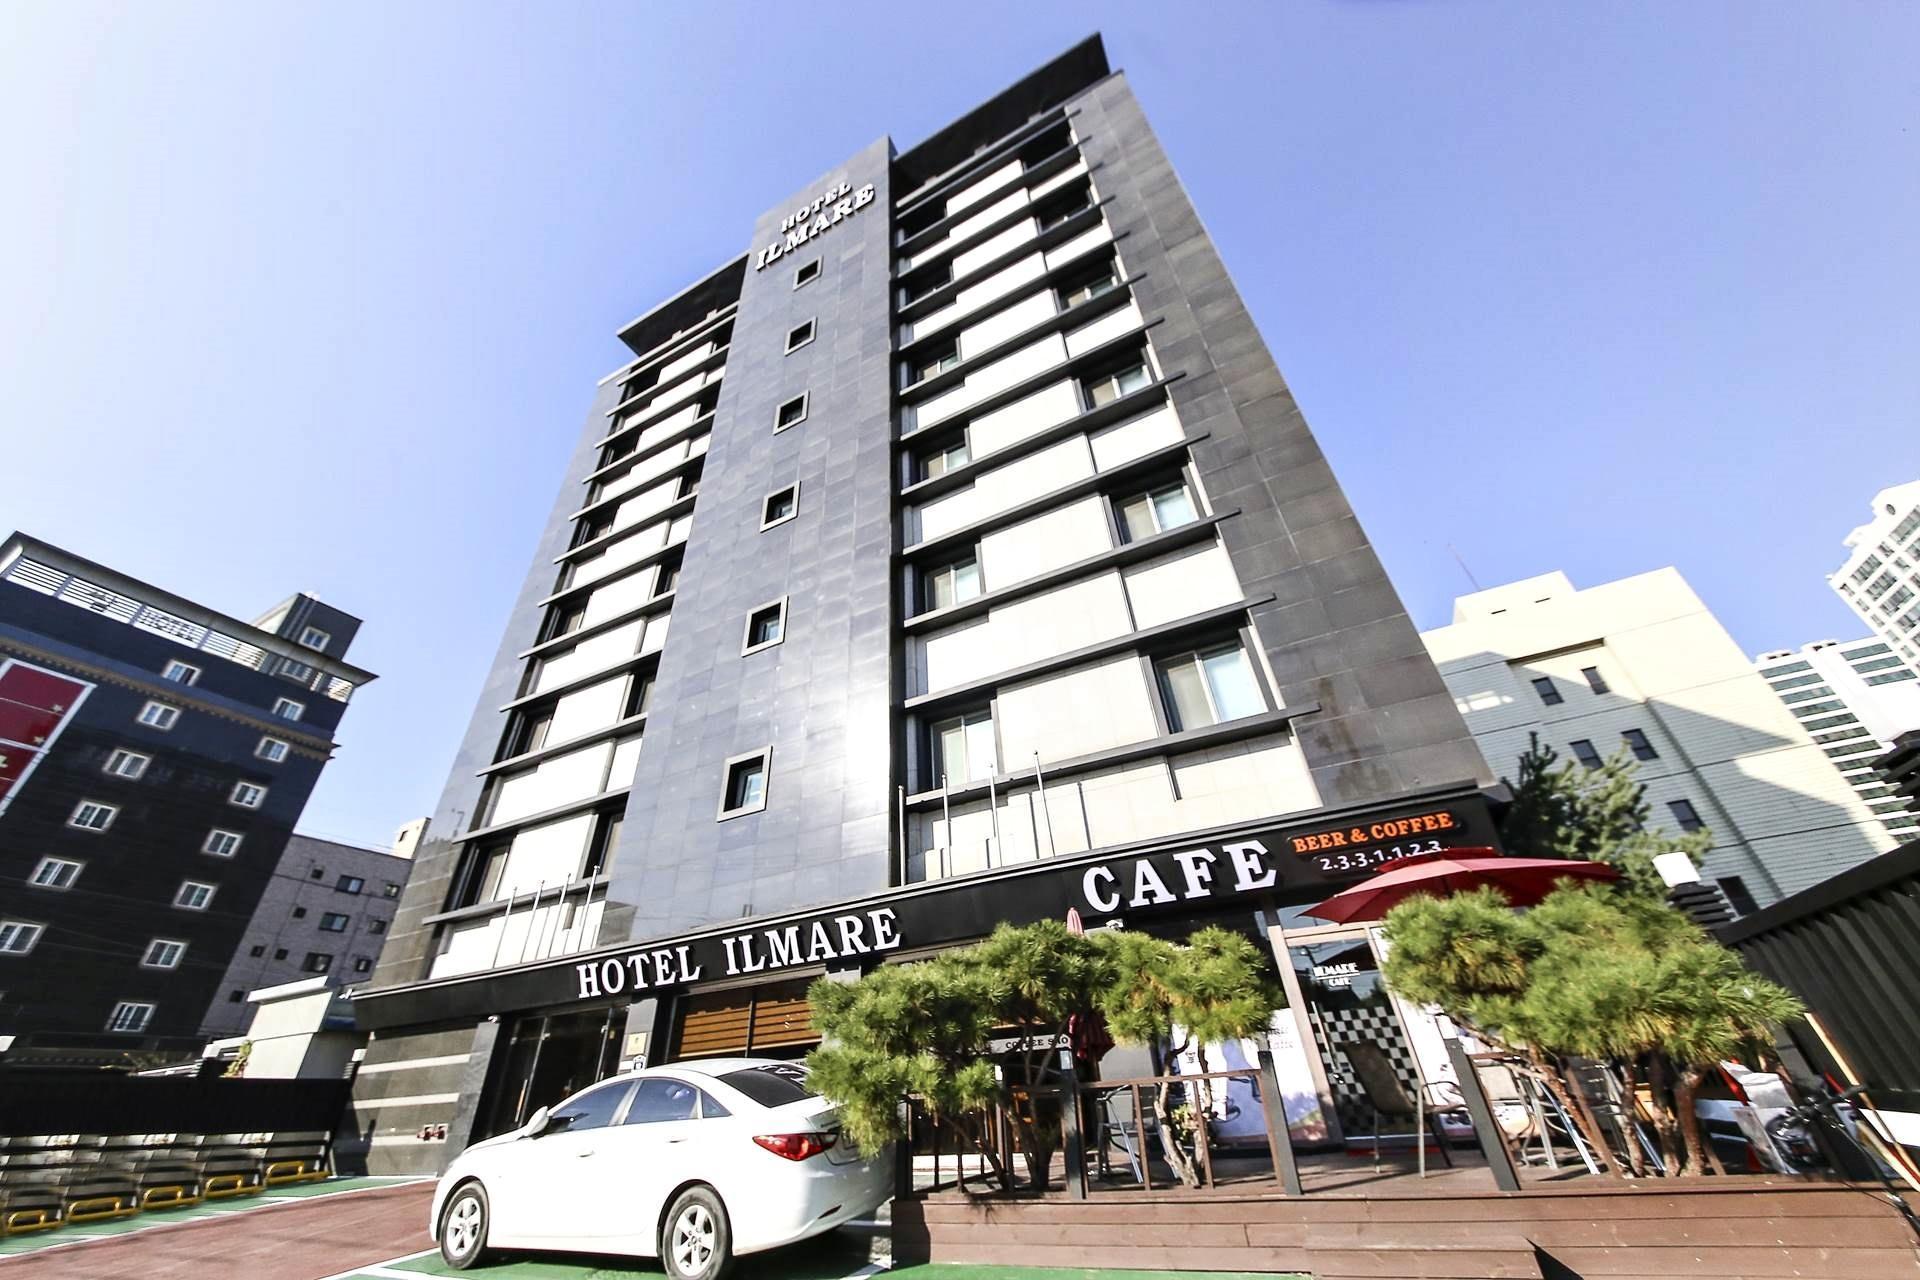 Suwon Ilmare Hotel